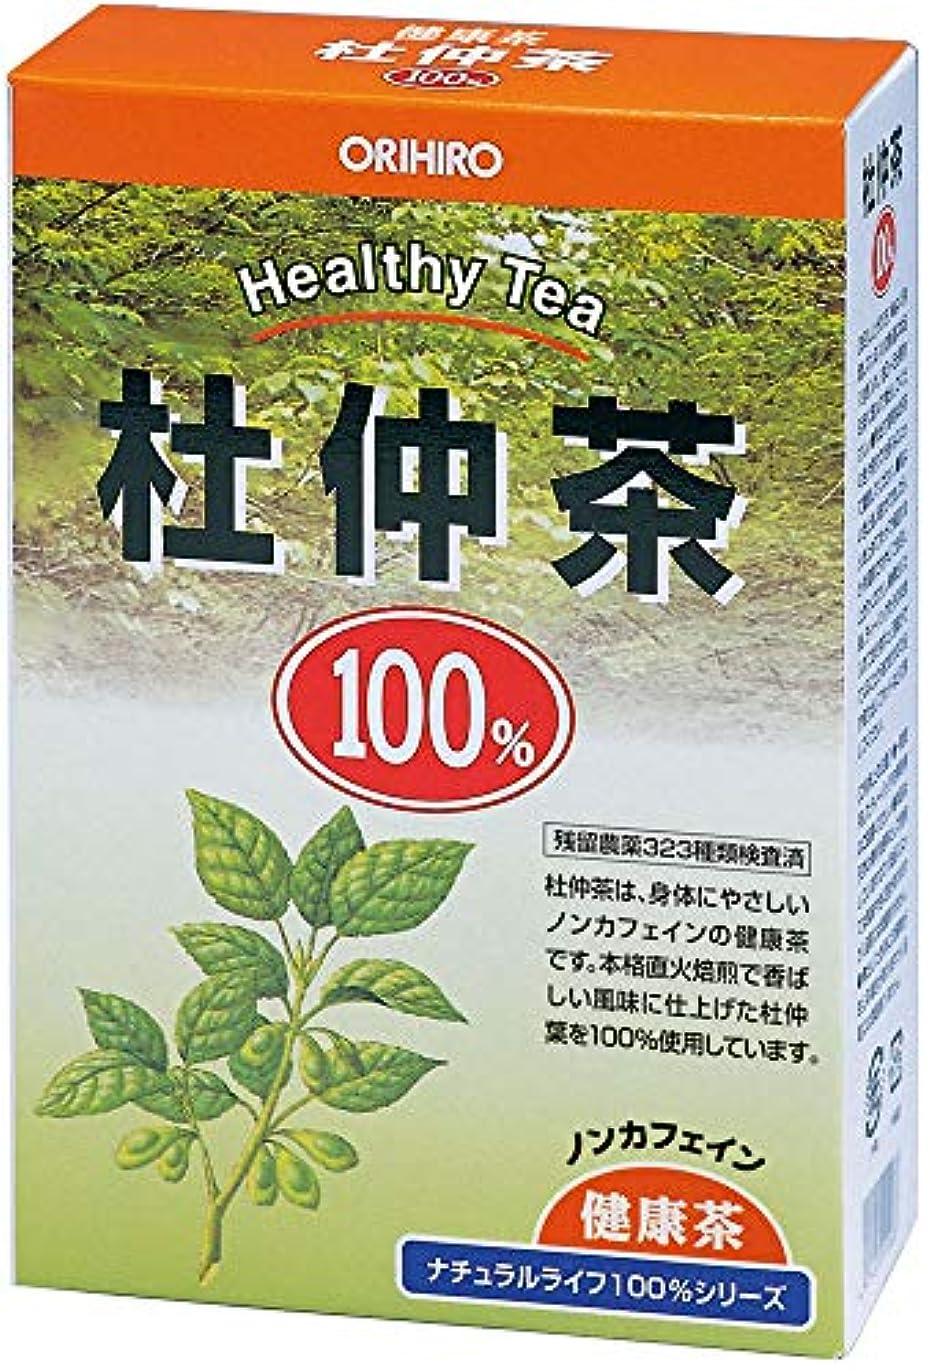 忘れっぽい順番誰がオリヒロ NLティー100% 杜仲茶